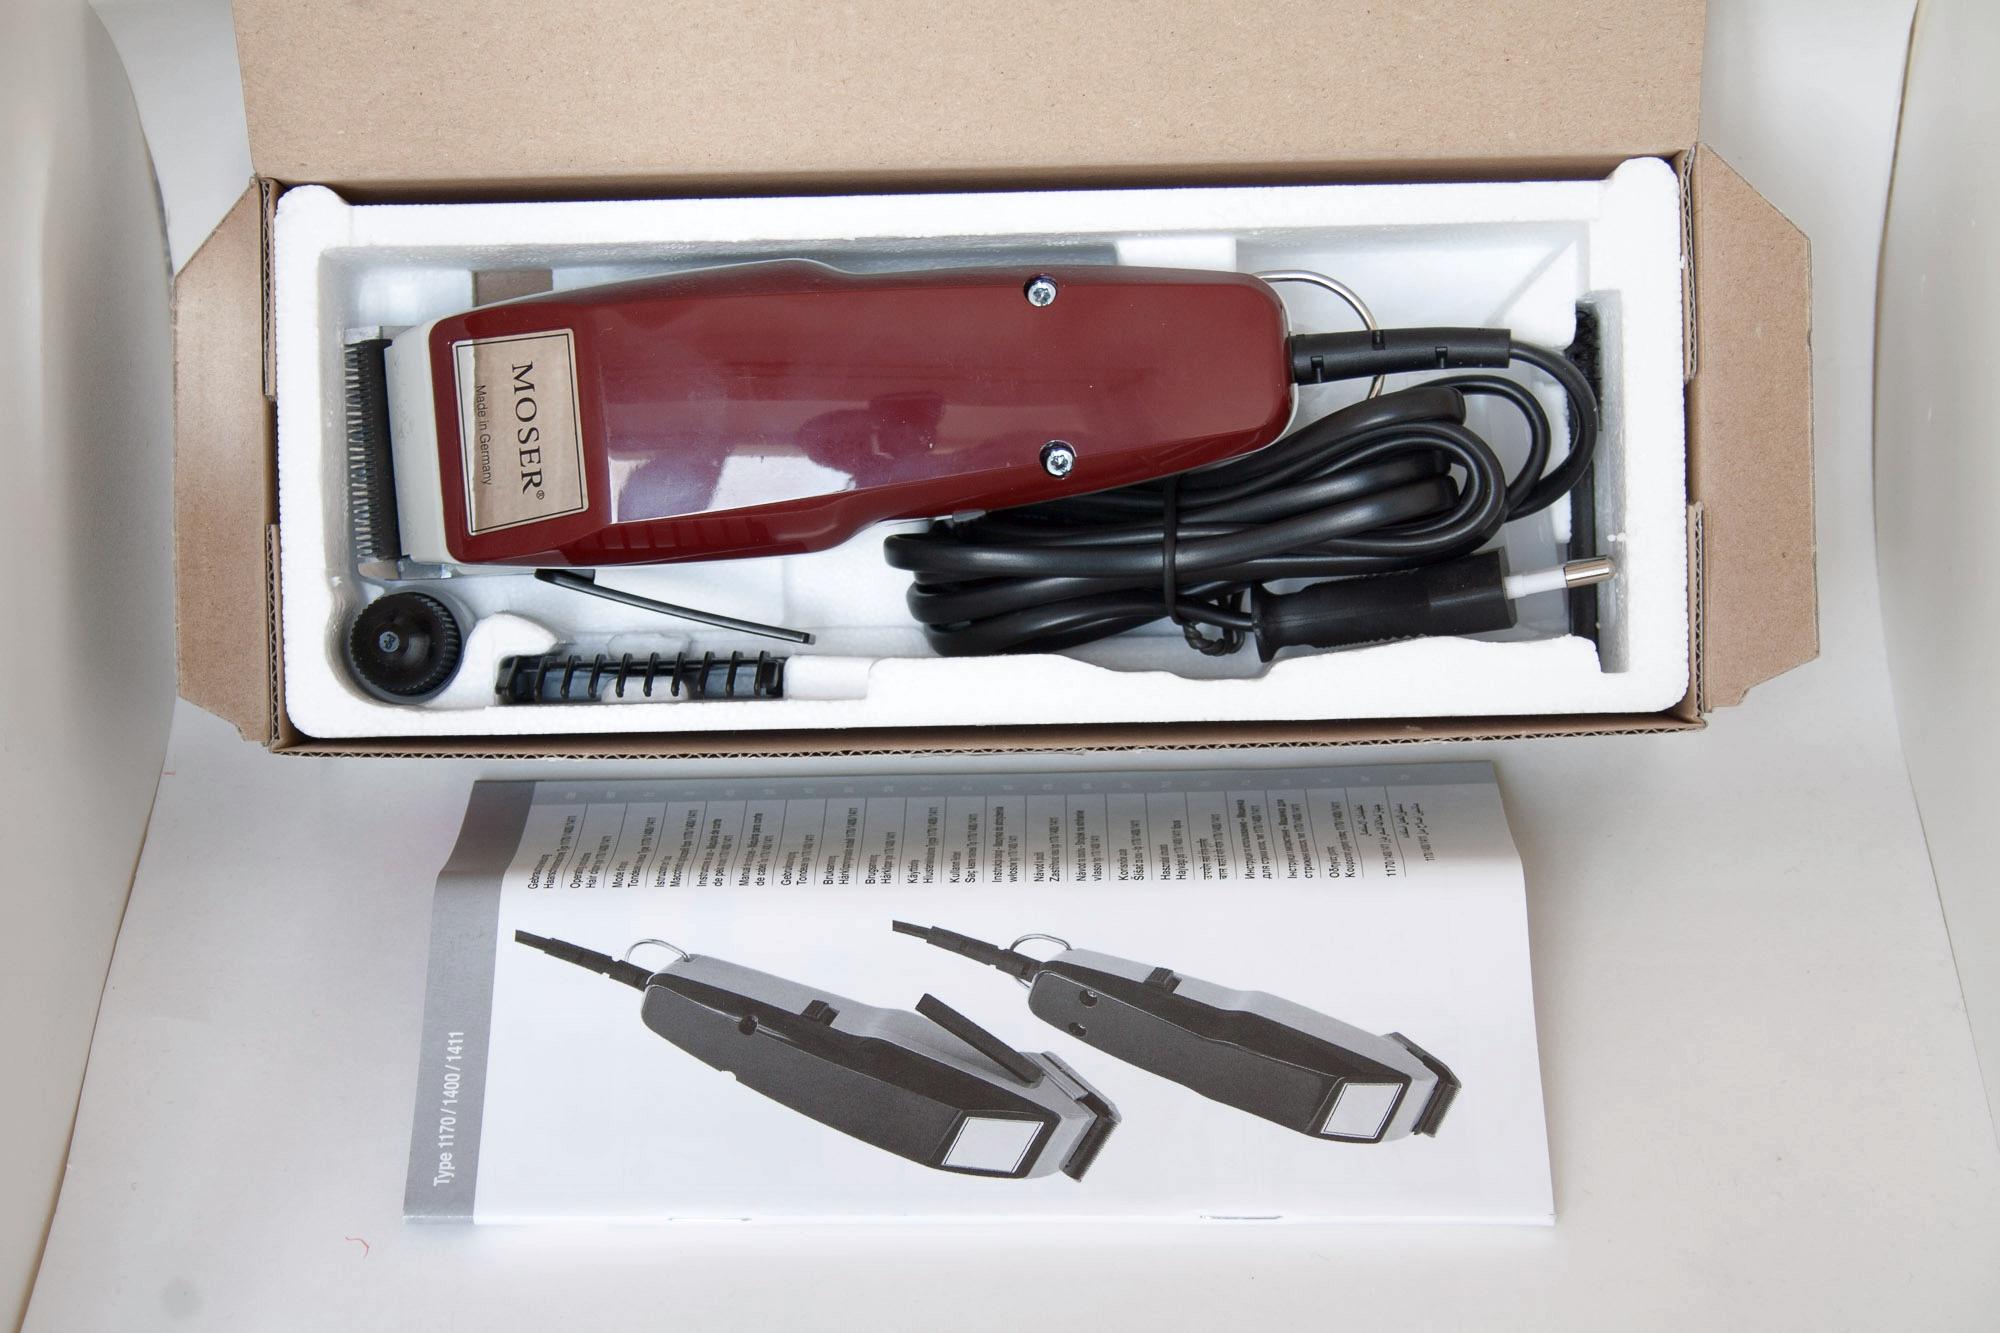 Машинка для стрижки волос moser 1400-0050